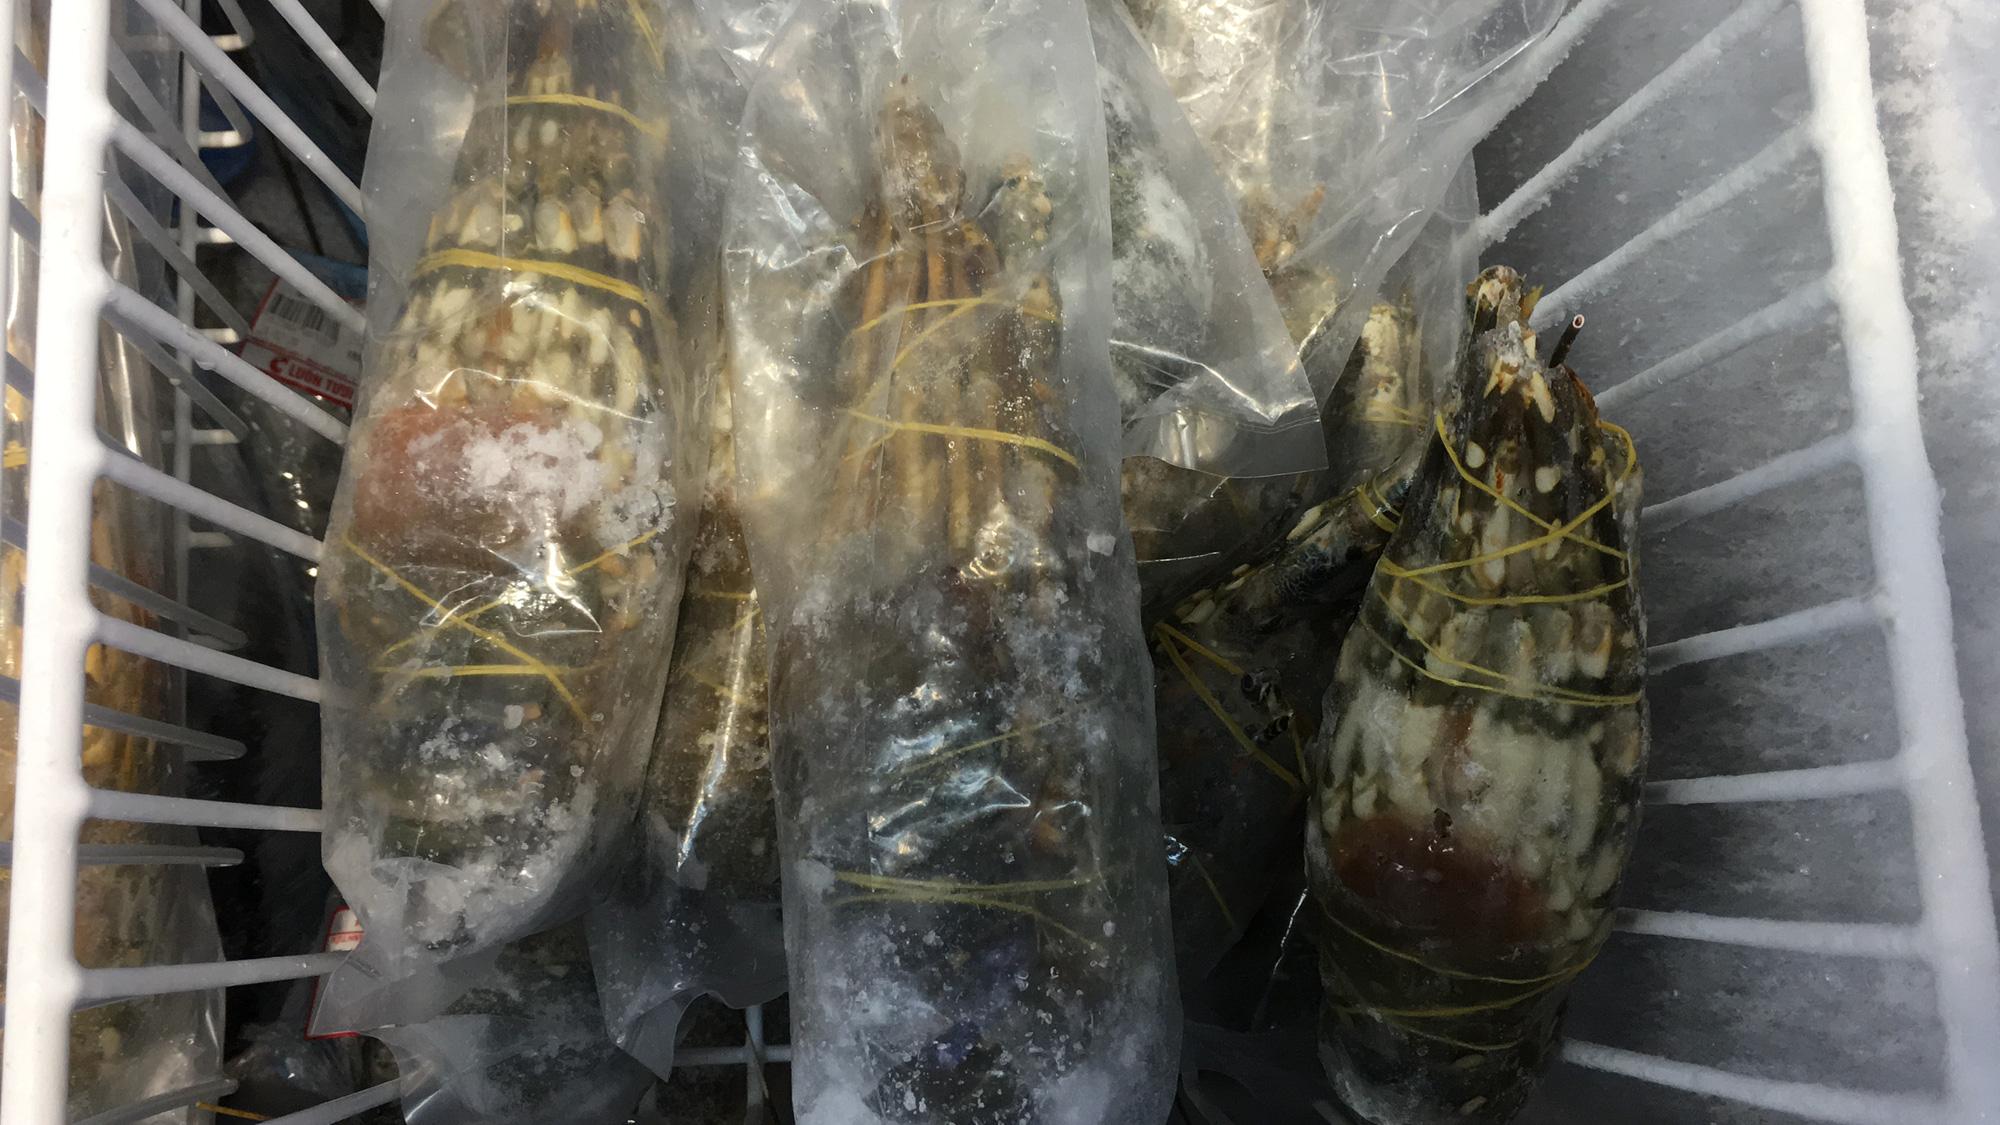 Giải cứu tôm hùm ở Đà Nẵng: Sức mua nhẹ, người dân muốn mua loại còn sống nhưng chỉ có hàng đông lạnh - Ảnh 5.